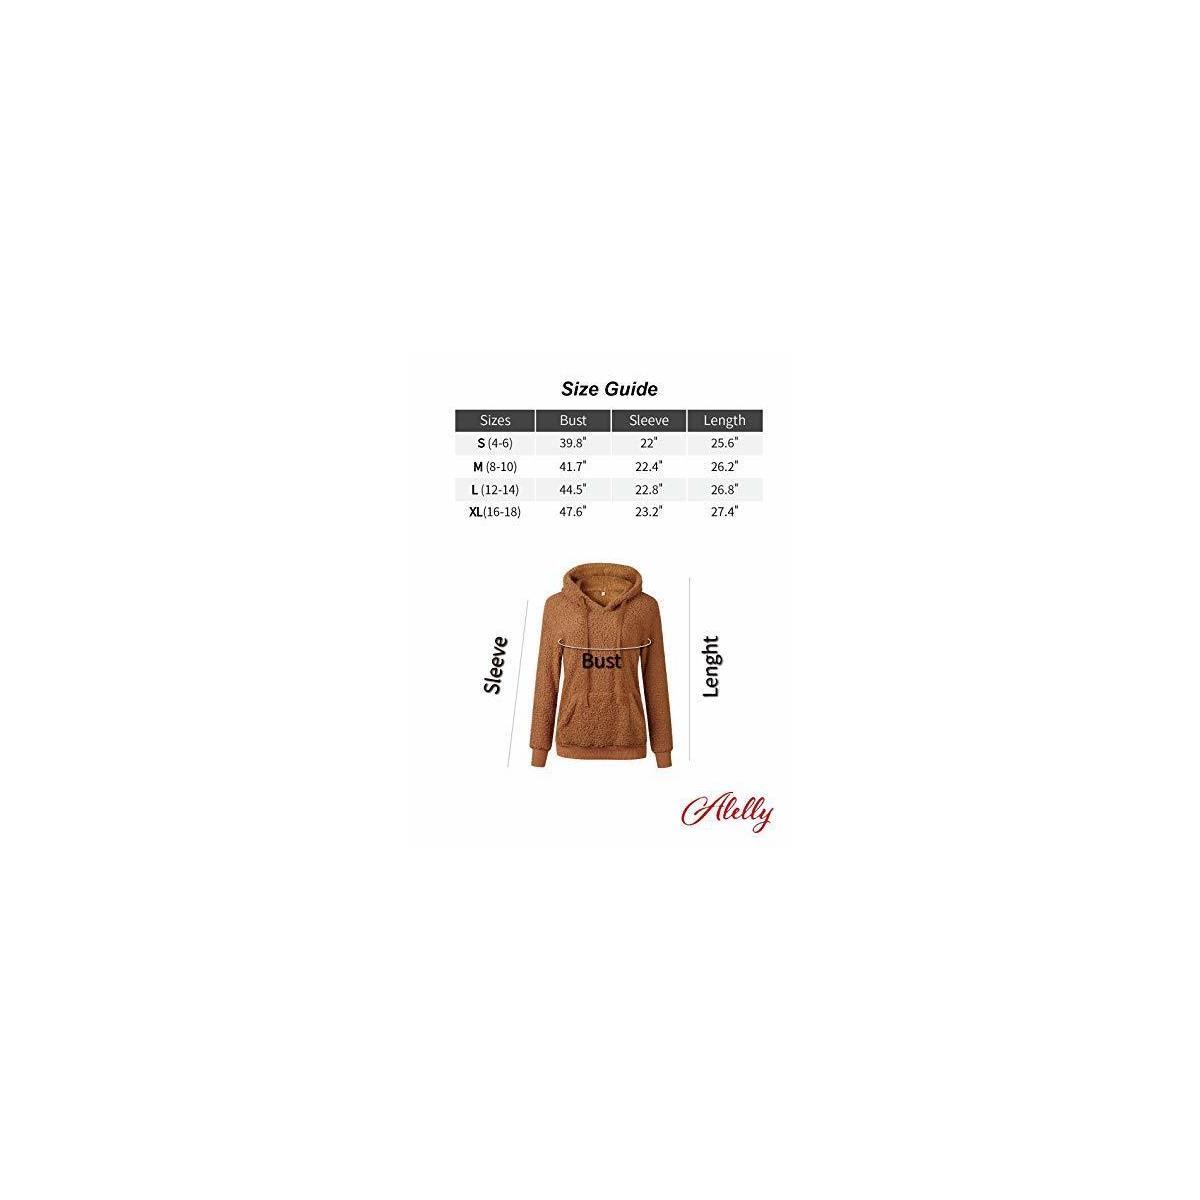 Women's Winter Fuzzy Fleece Coat Sherpa Teddy Bear Jacket Fluffy Sweater Hoodie Sweatshirt with Pockets